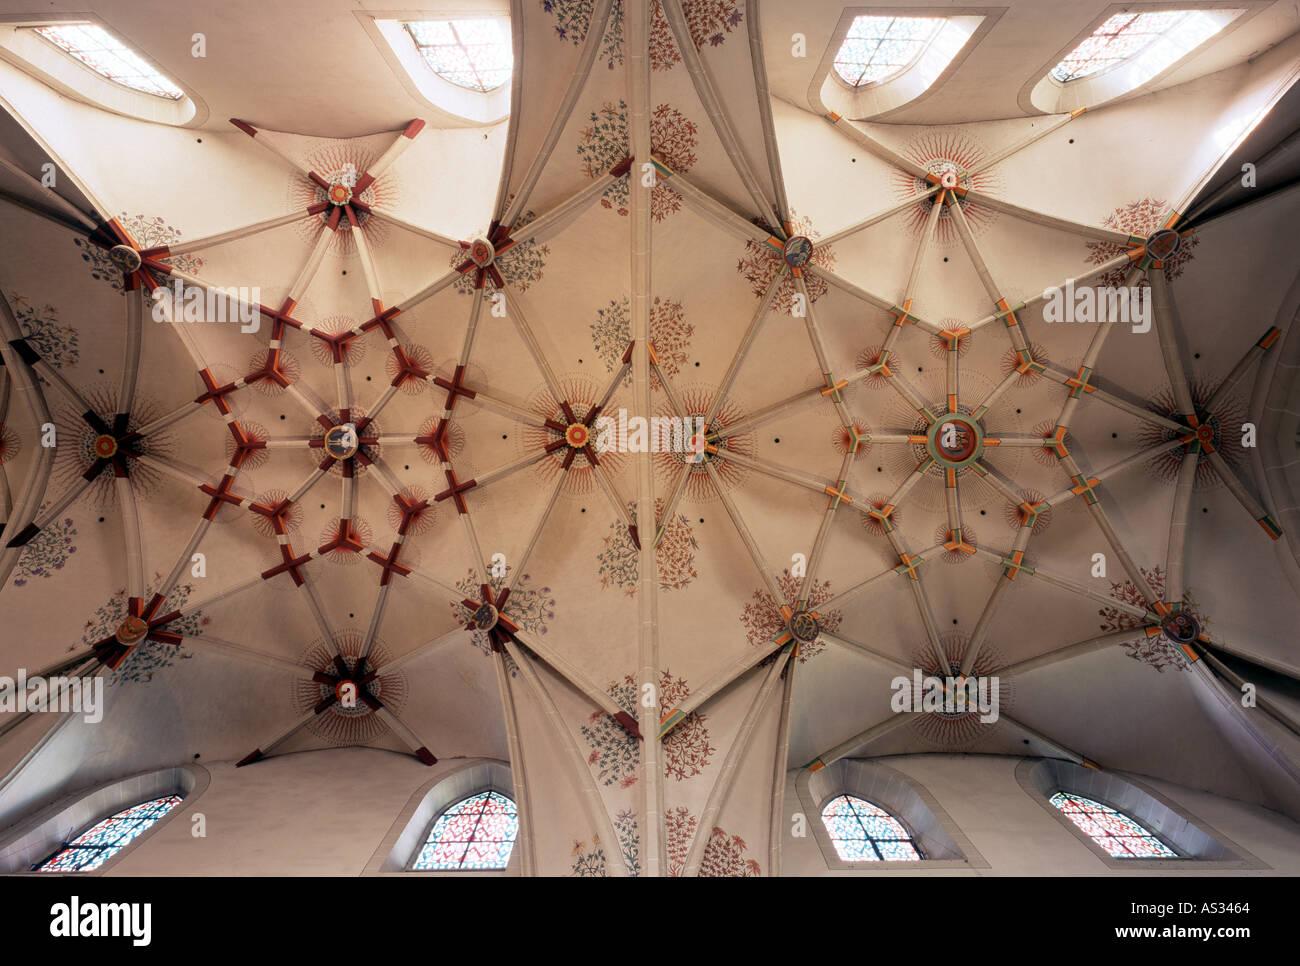 Koblenz, Stiftskirche St. Kastor, Gewölbe im Mittelschiff - Stock Image